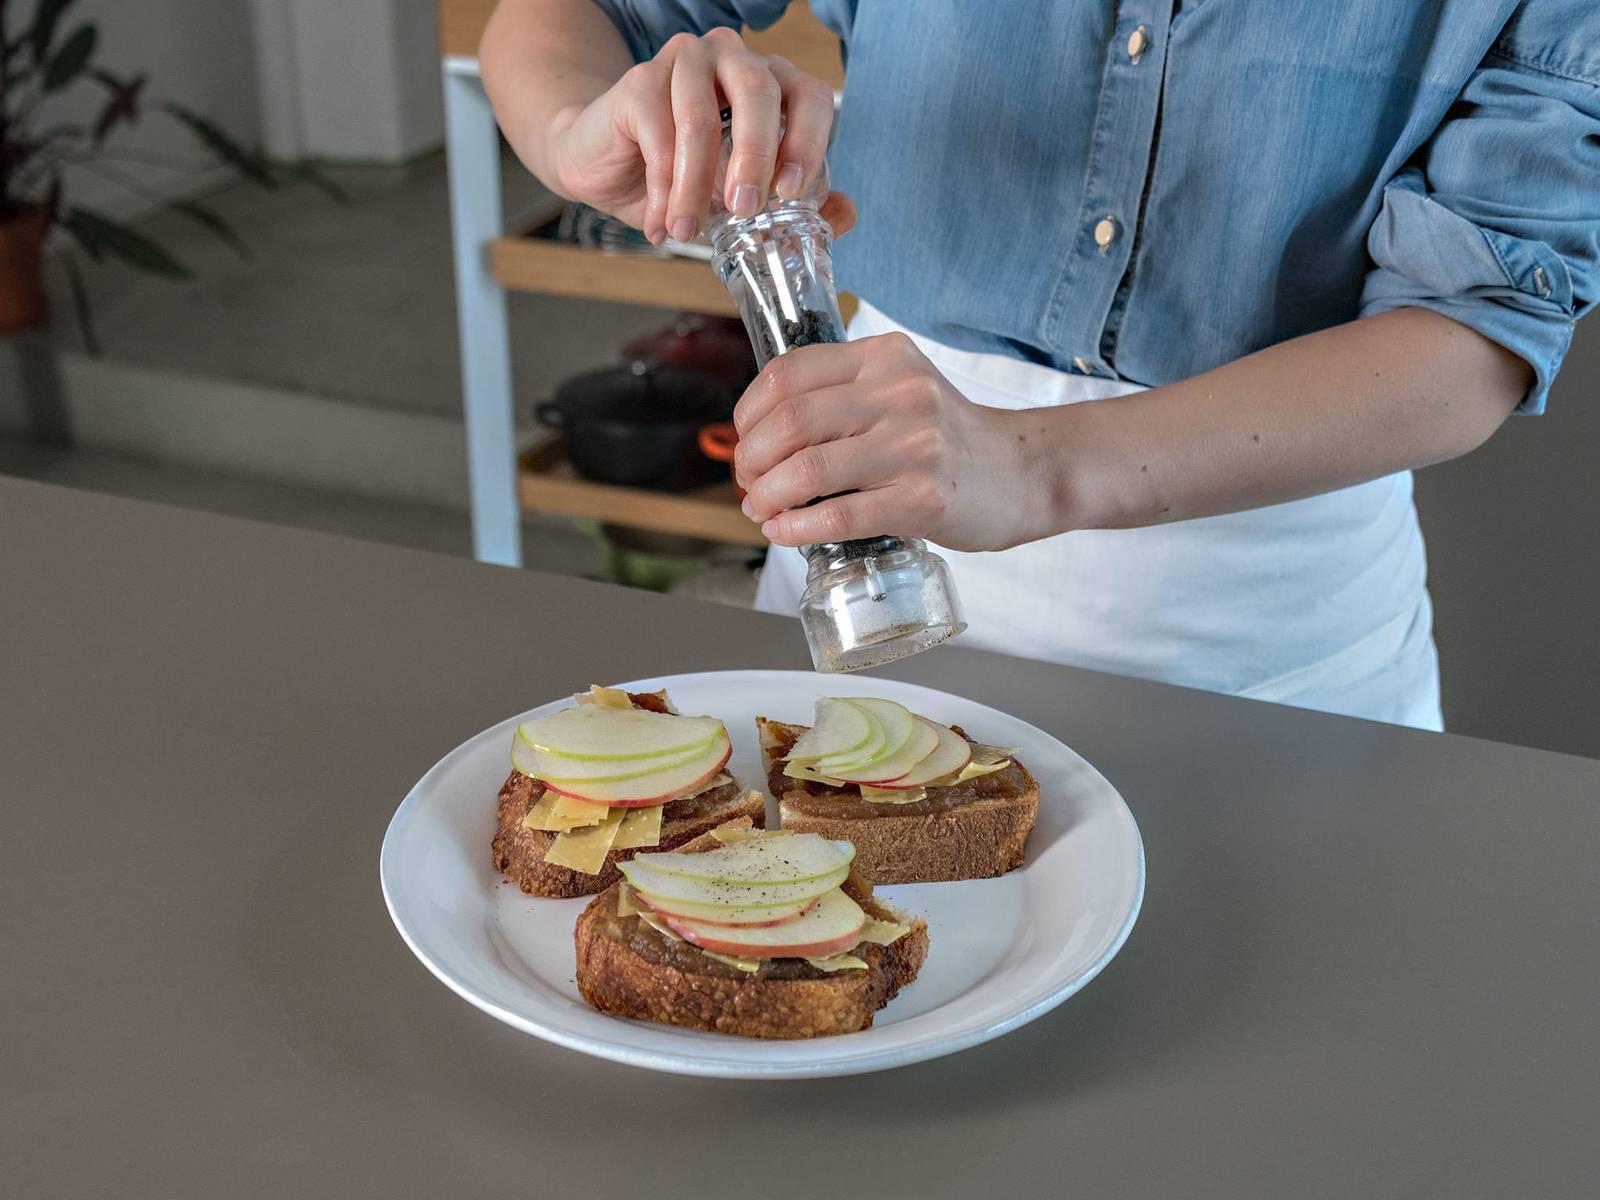 Beiseitestellen und abkühlen lassen. Das Apfelkraut anschließend in verschließbare Gläser füllen. Auf geröstetem Weißbrot mit Gouda und frischen Apfelscheiben servieren. Guten Appetit!